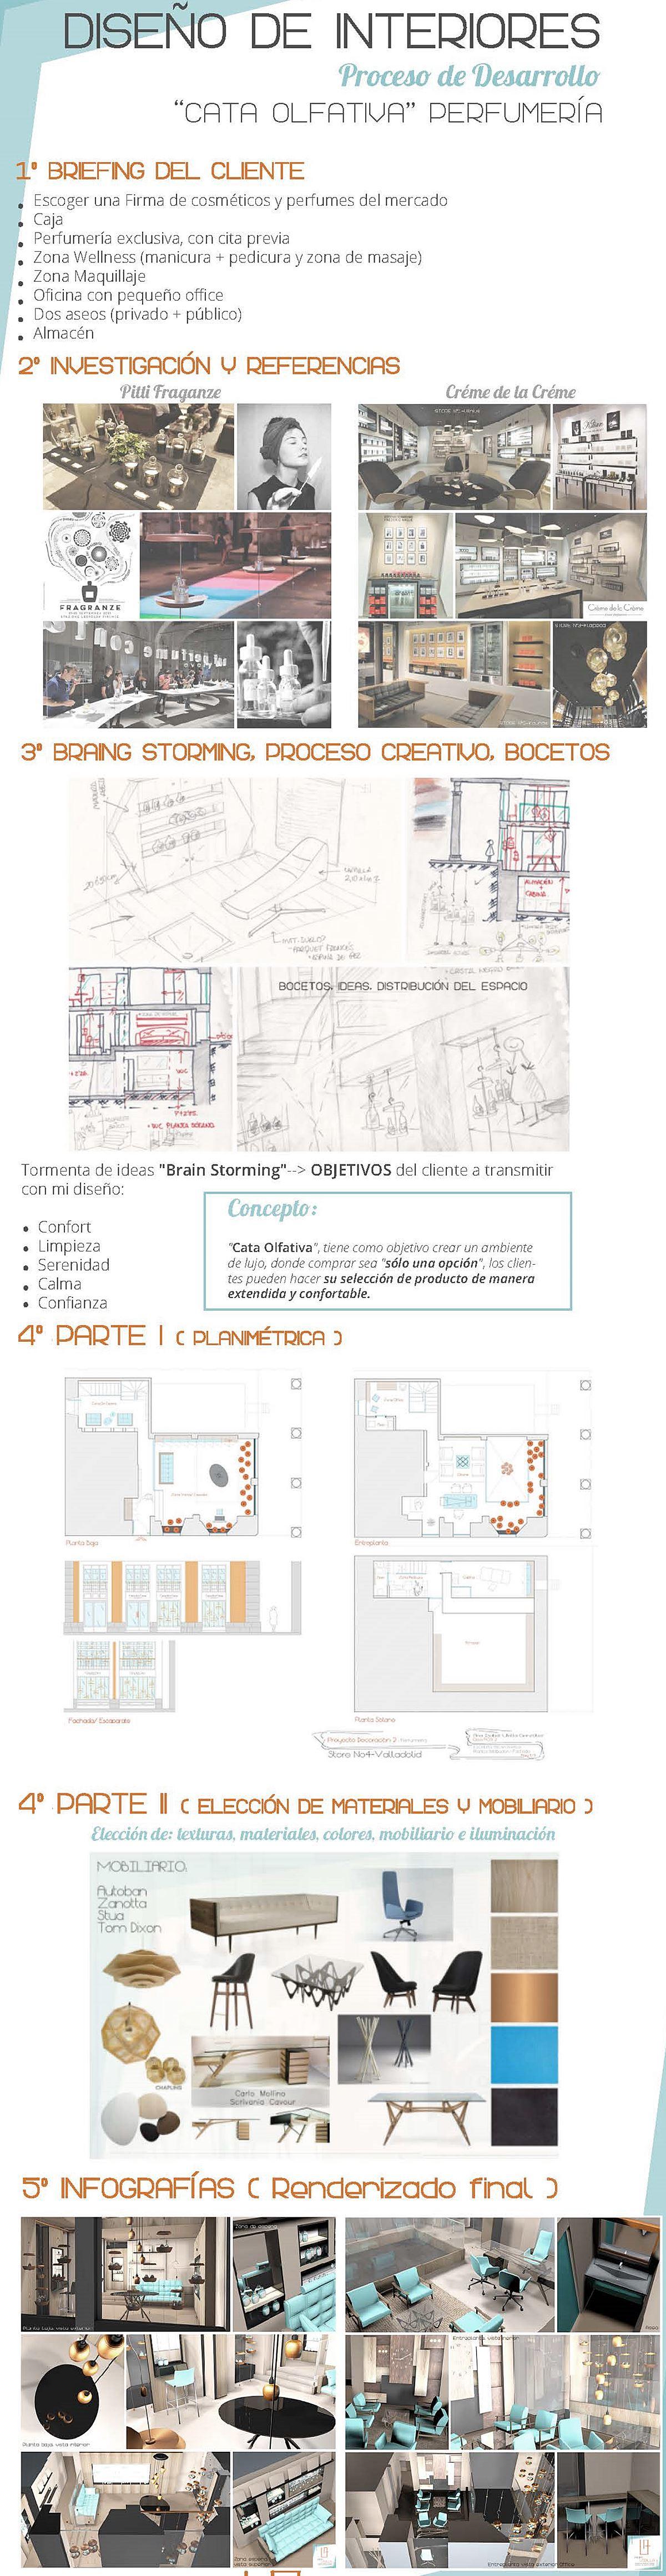 Diseño de interiores para locales y empresas por Ana Utrilla, interiorismo comercial